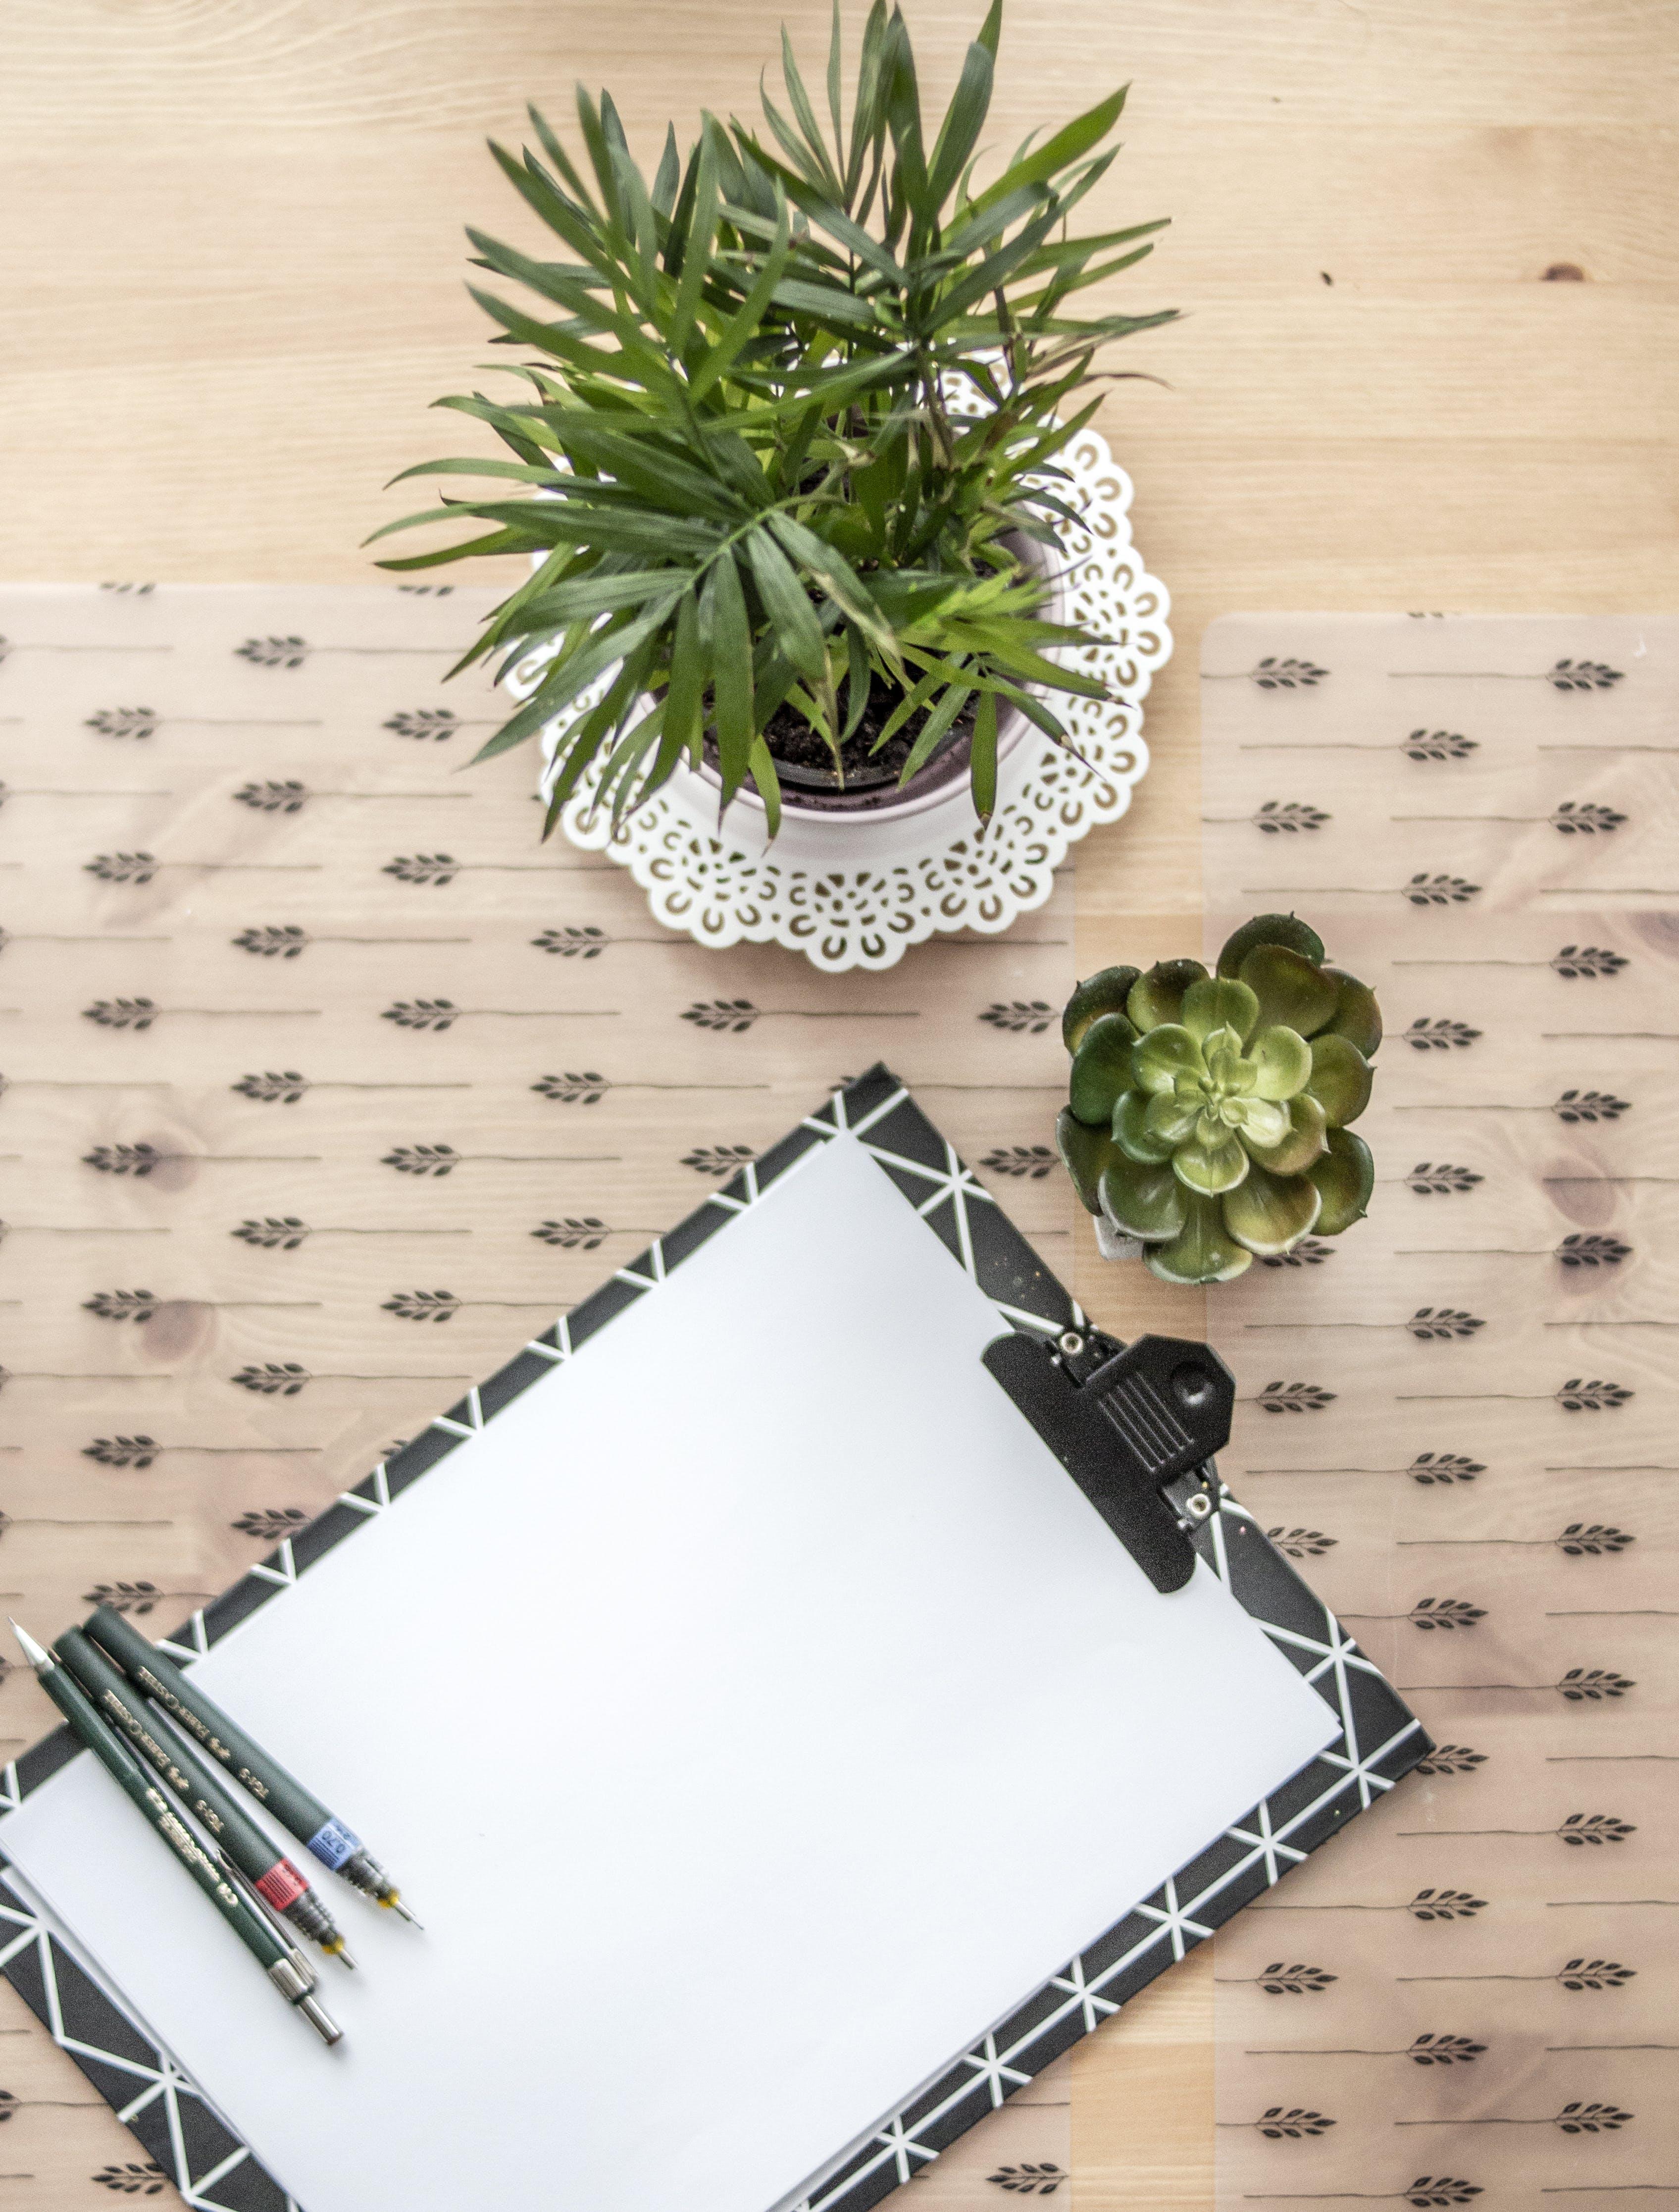 Gratis arkivbilde med penner, skriveplate